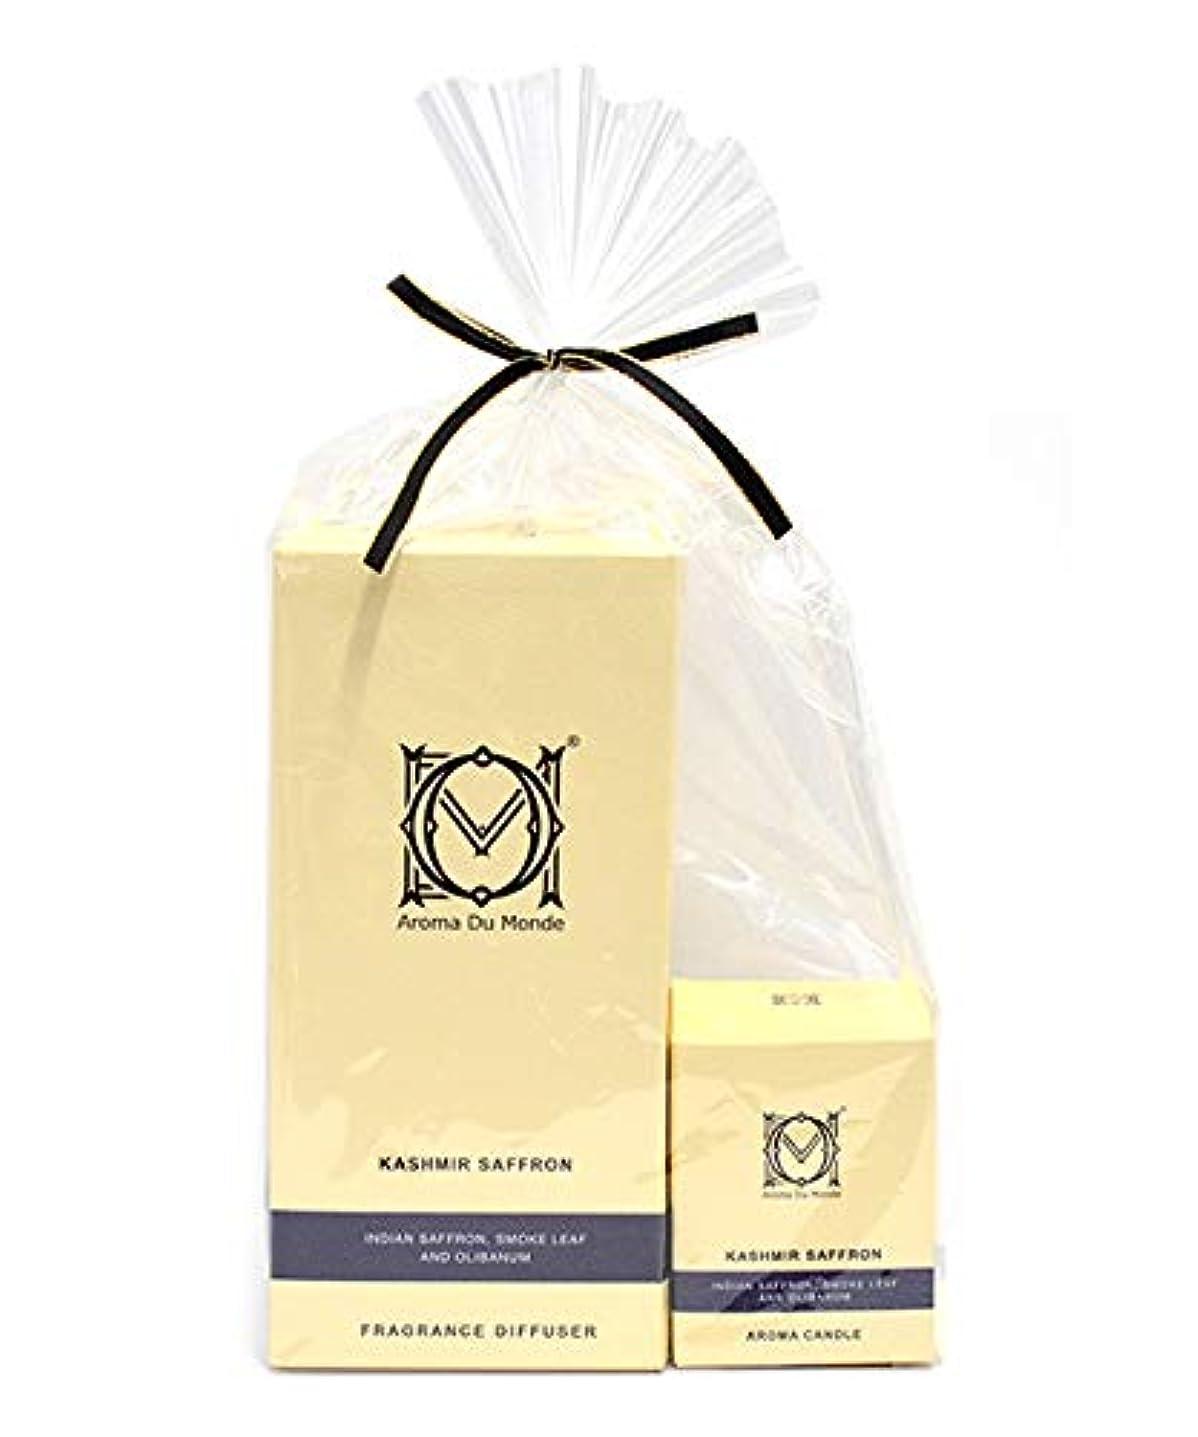 にはまって補償第二にフレグランスディフューザー&キャンドル カシミールサフラン セット Aroma Du Monde/ADM Fragrance Diffuser & Candle Kashmir Saffron 81160